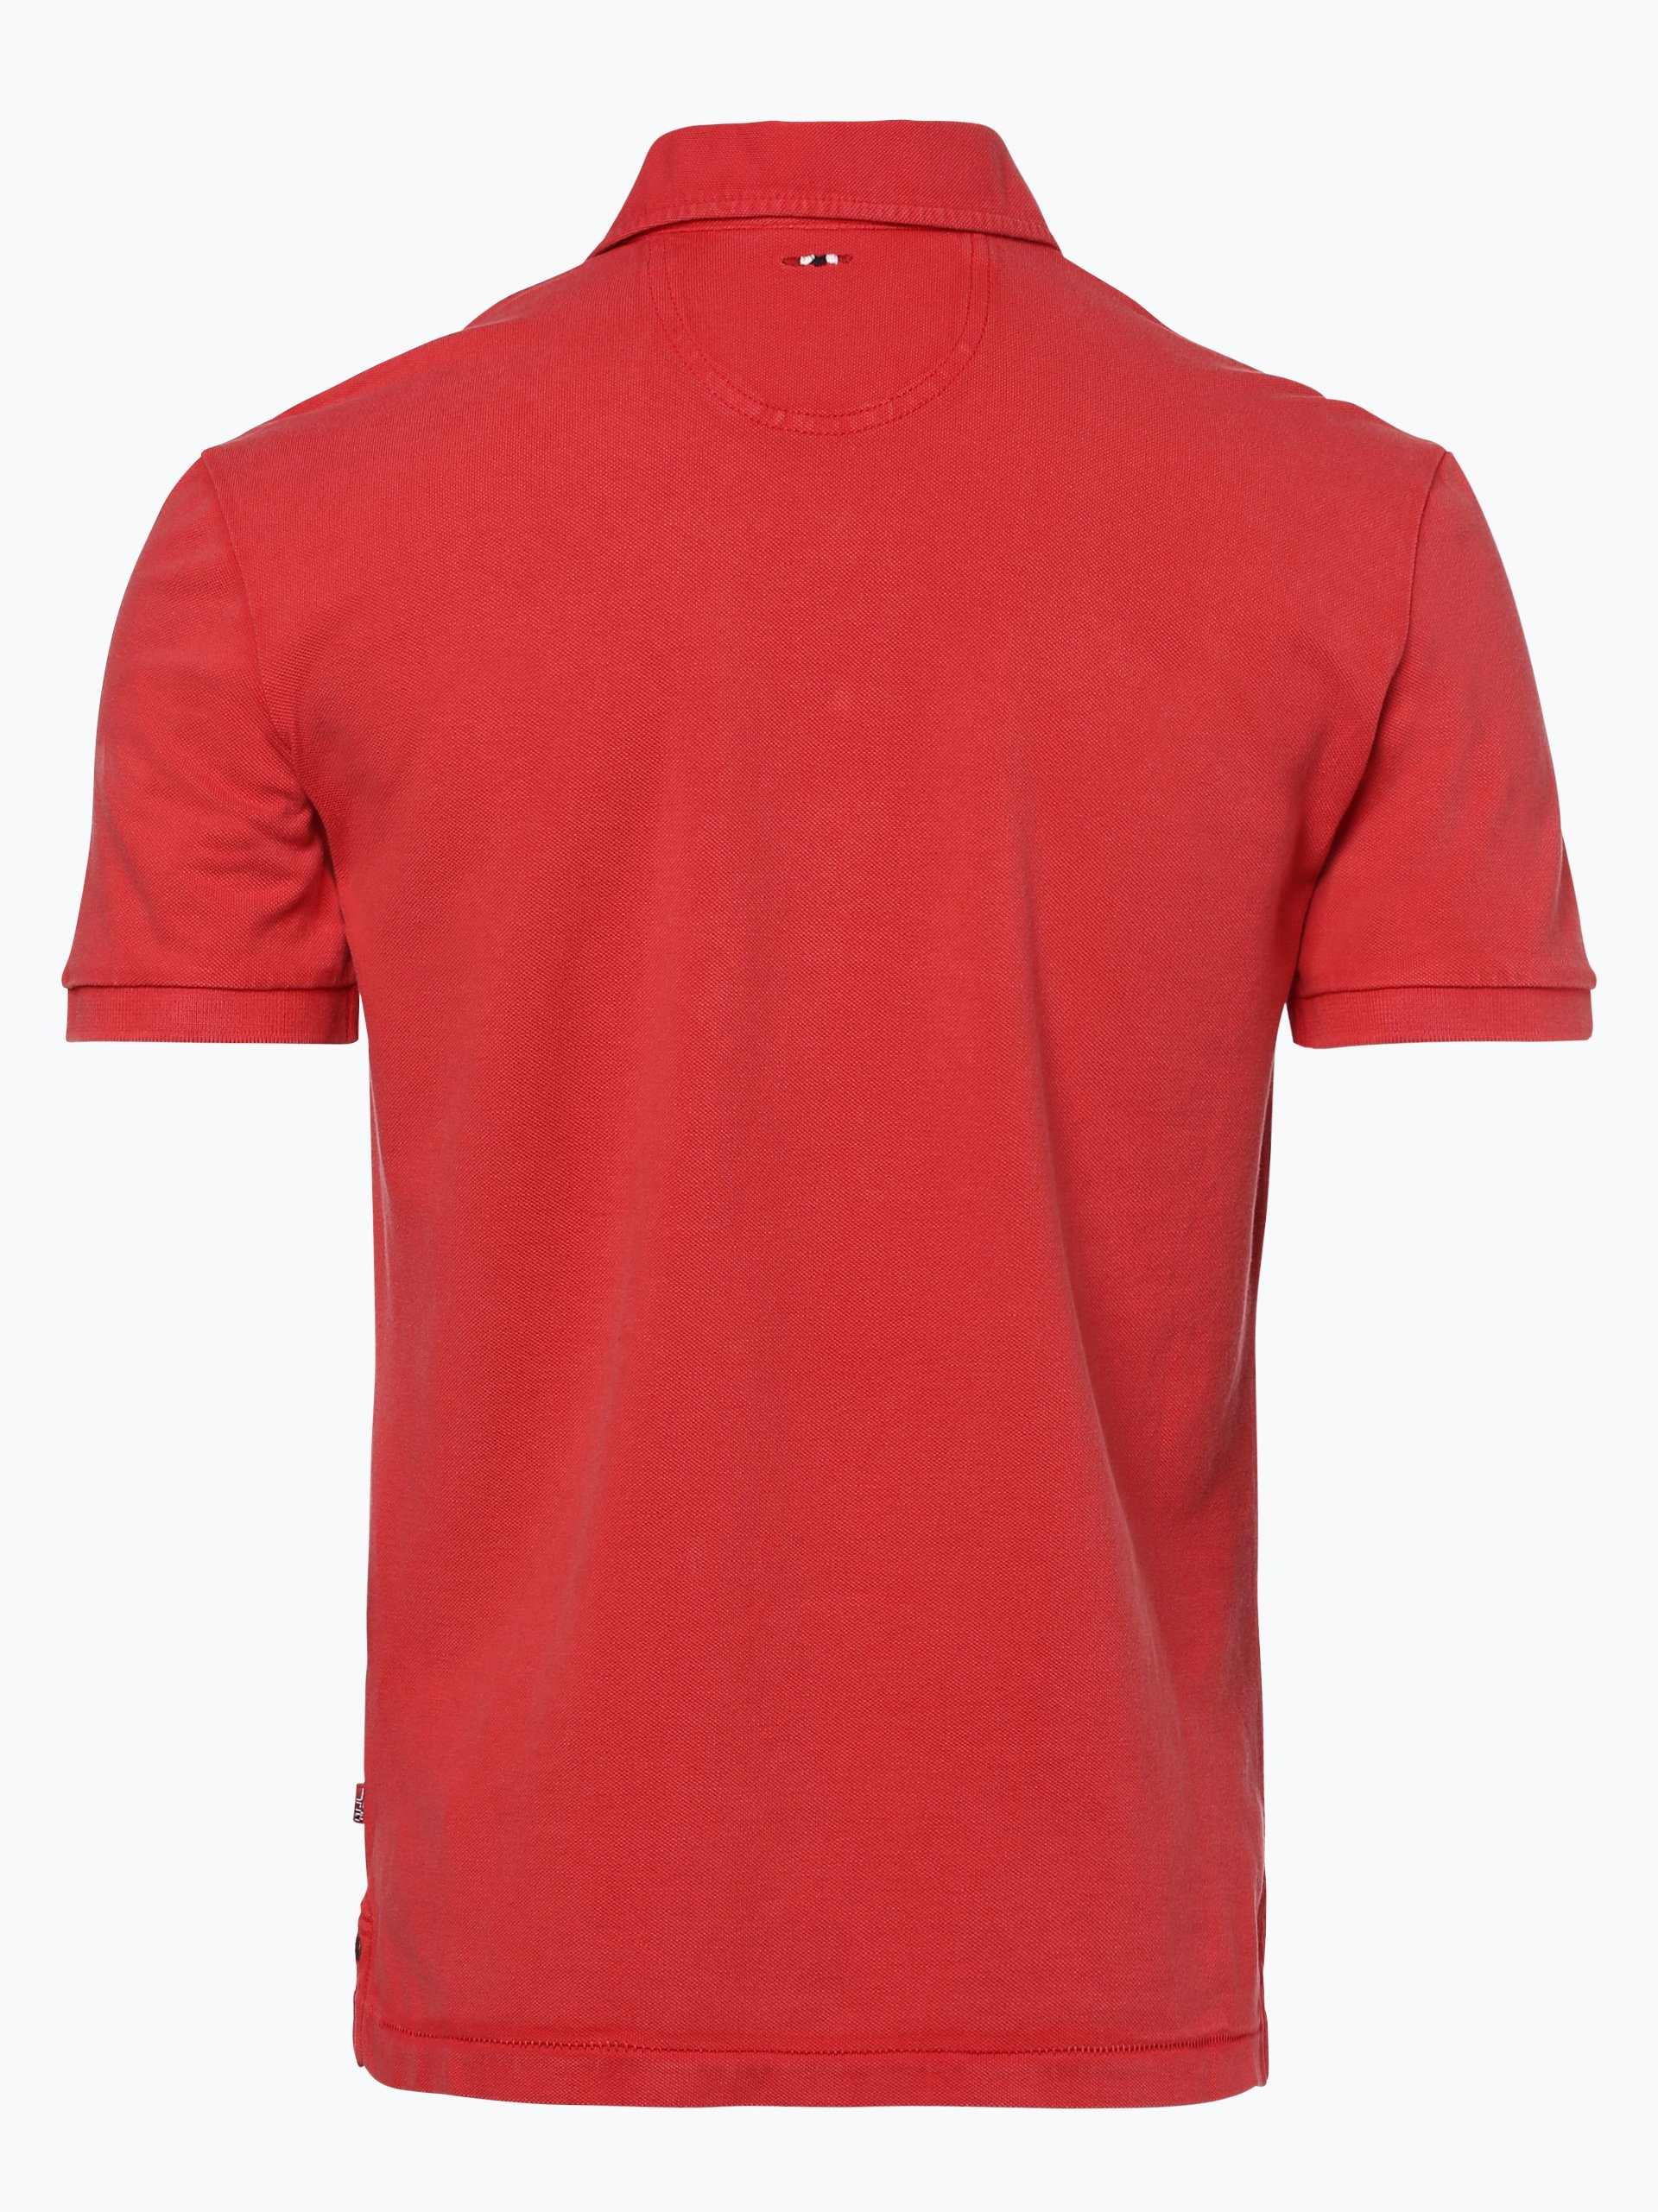 Napapijri Herren Poloshirt - Elbas 1